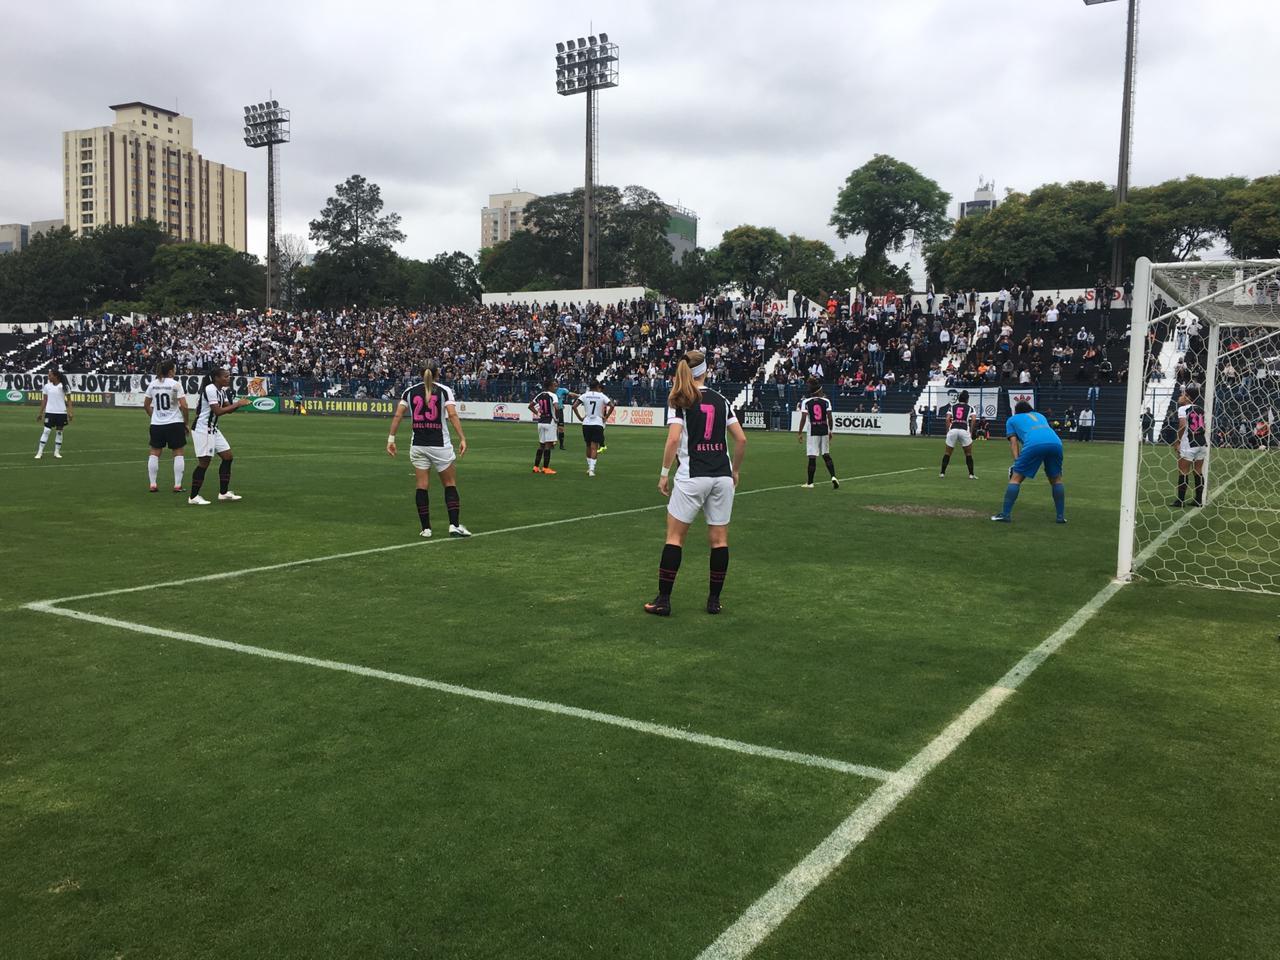 Santos empata com Corinthians e é tetracampeão paulista no futebol ... b4f922eeba4bd